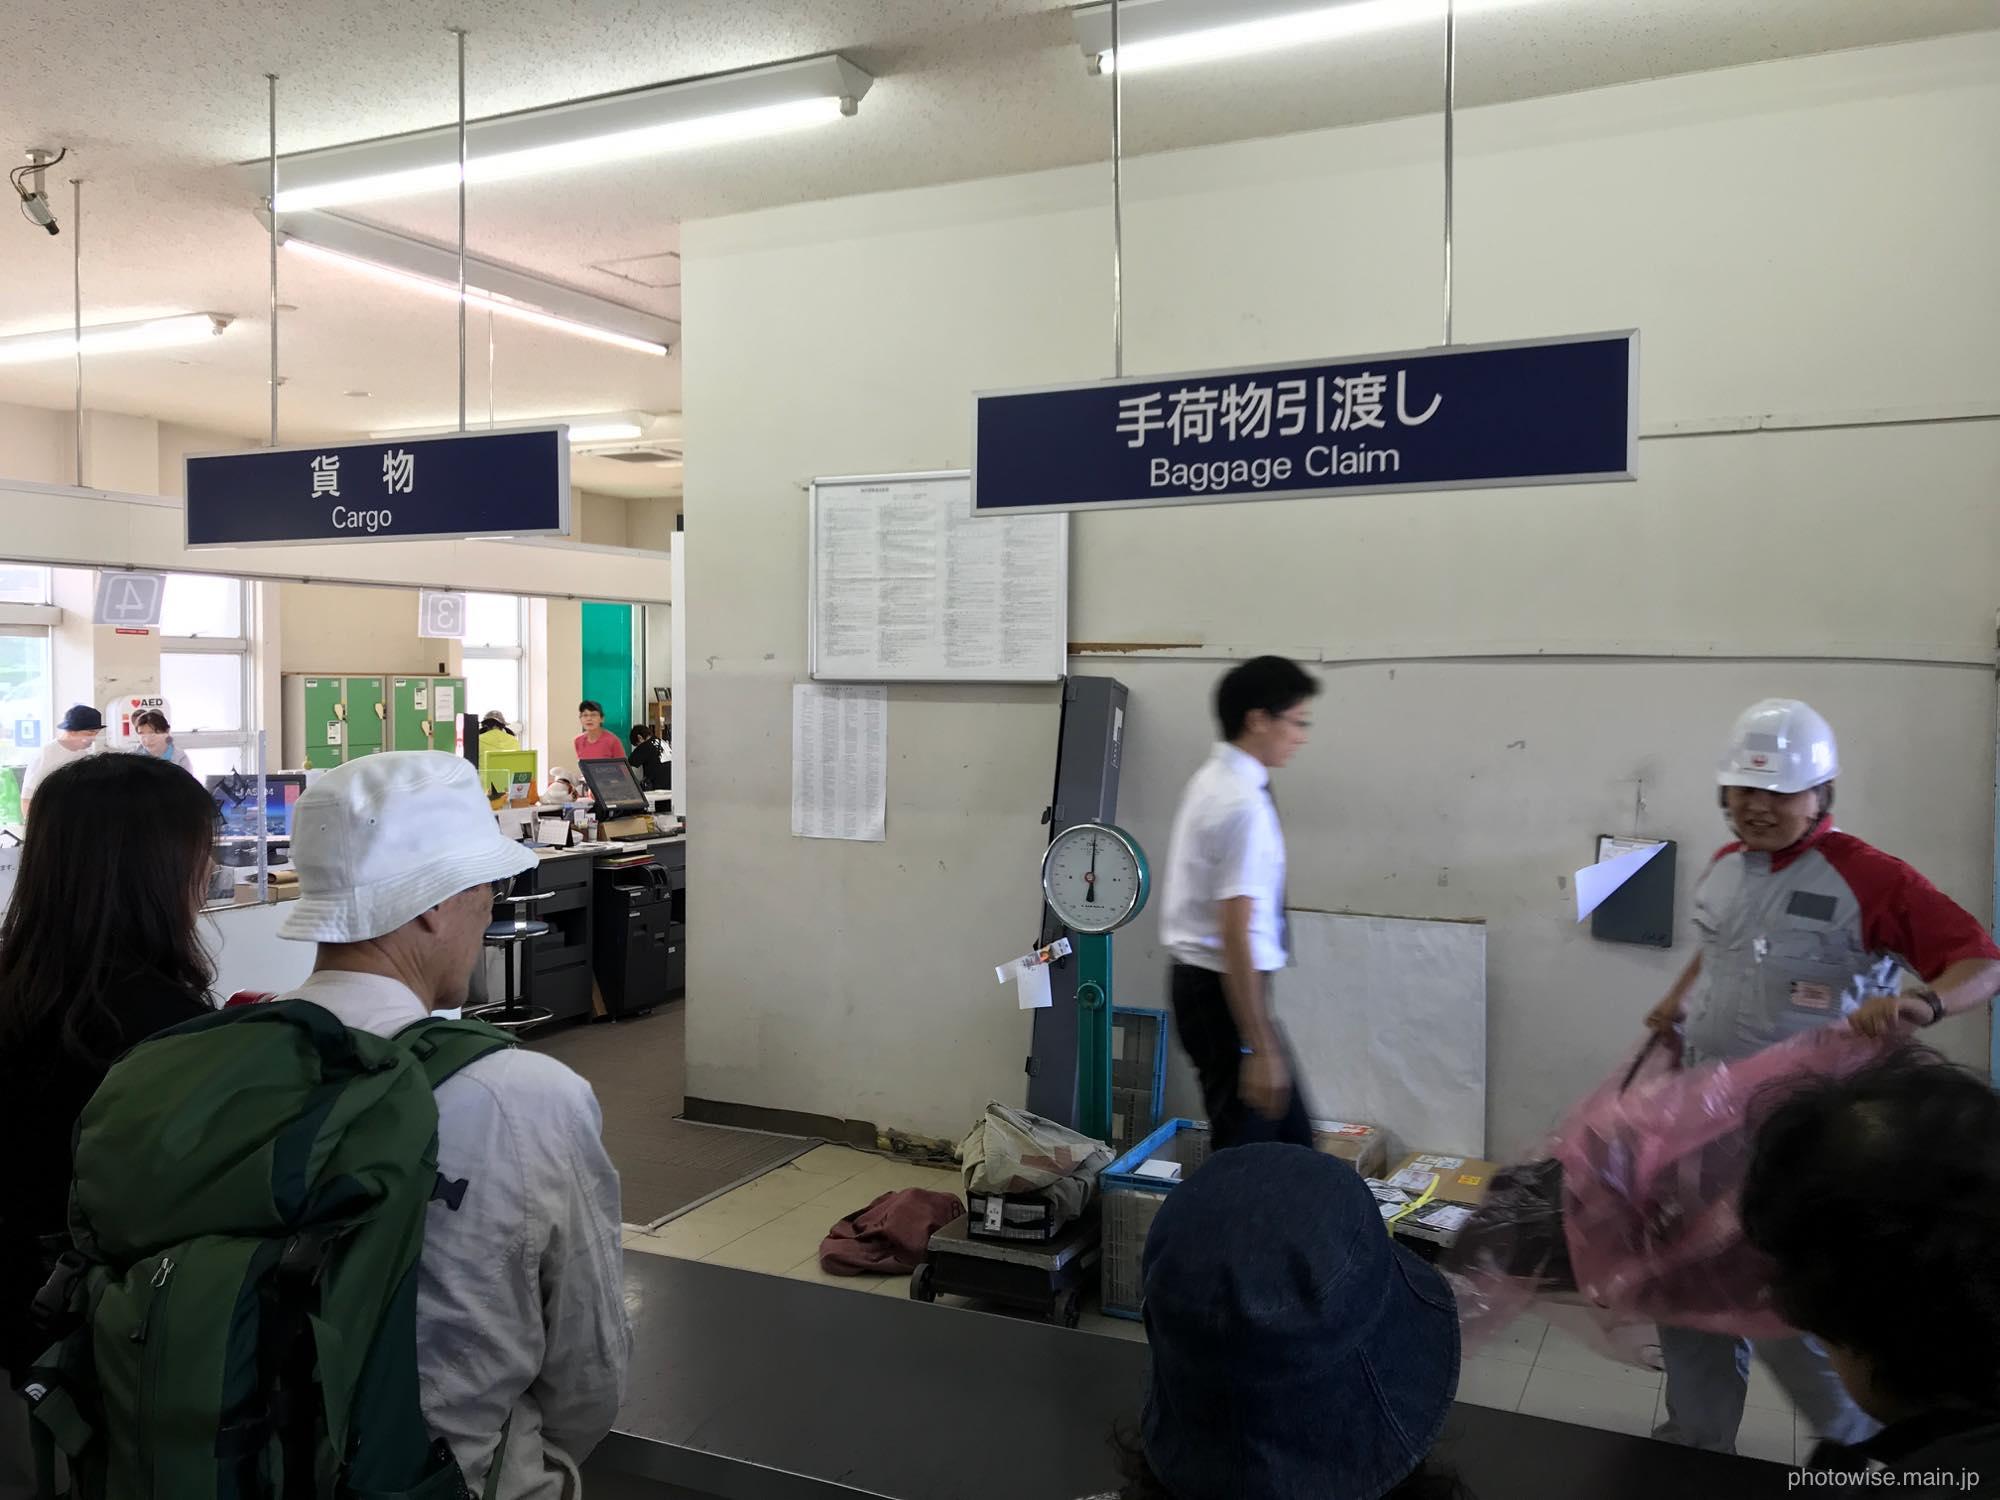 屋久島空港の荷物引き取り所